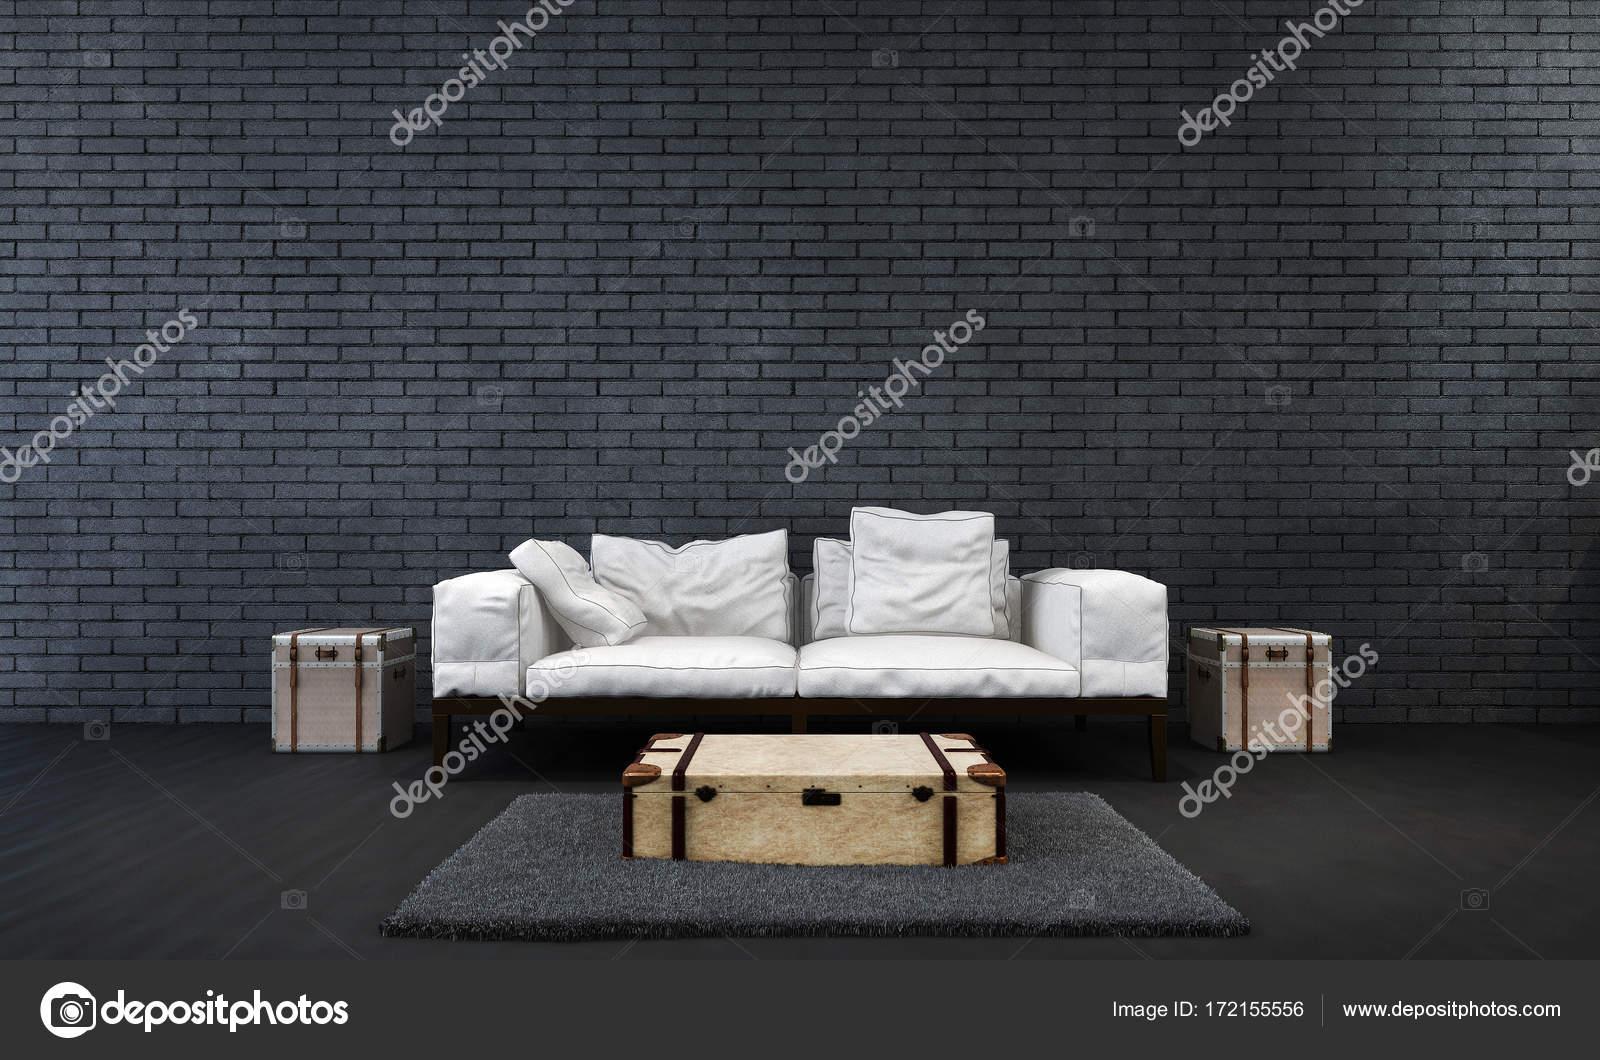 Die Lounge und Wohnzimmer Interieur-Design und schwarze Ziegel Wand ...